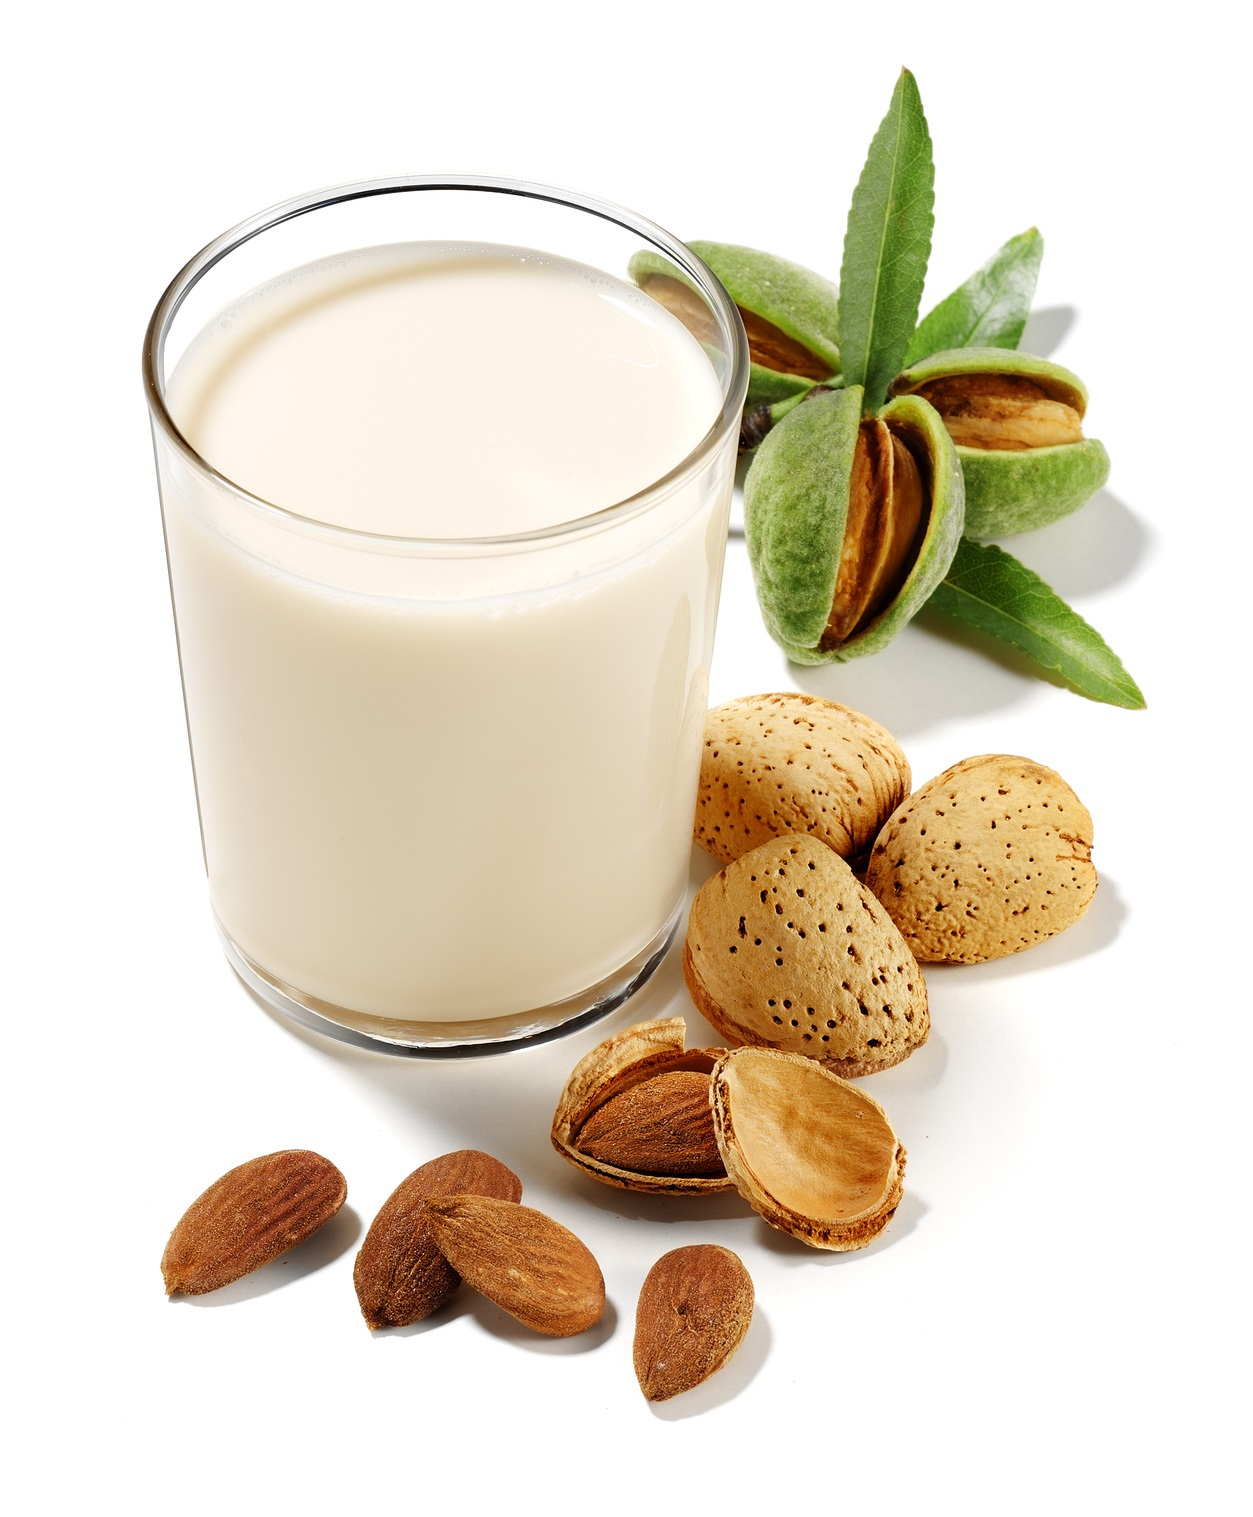 latte di mandorla vs latte vaccino per perdita di peso